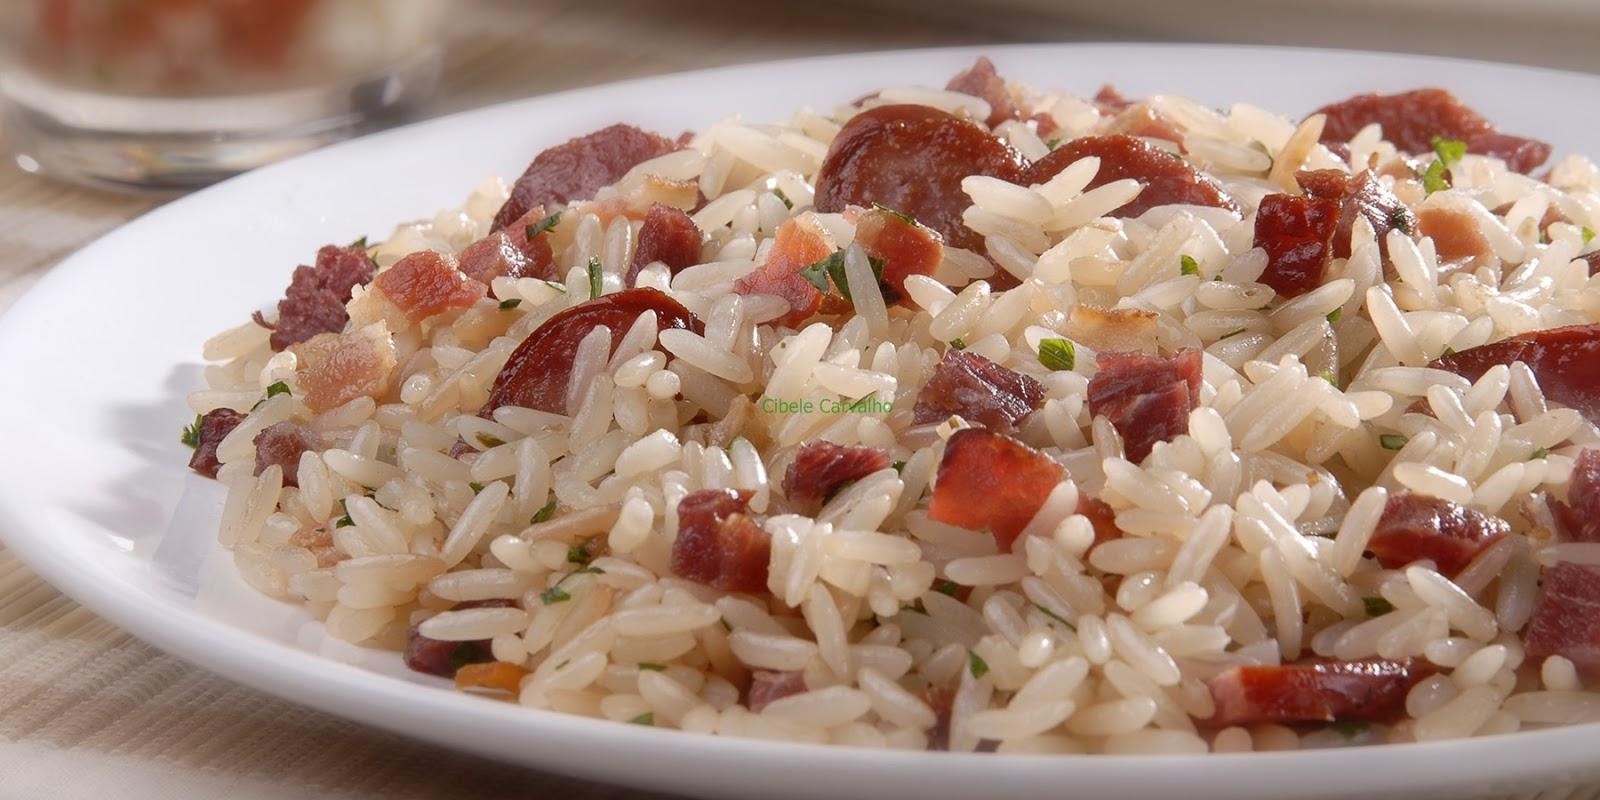 Que tal um arroz de carreteiro saboroso para o almoço